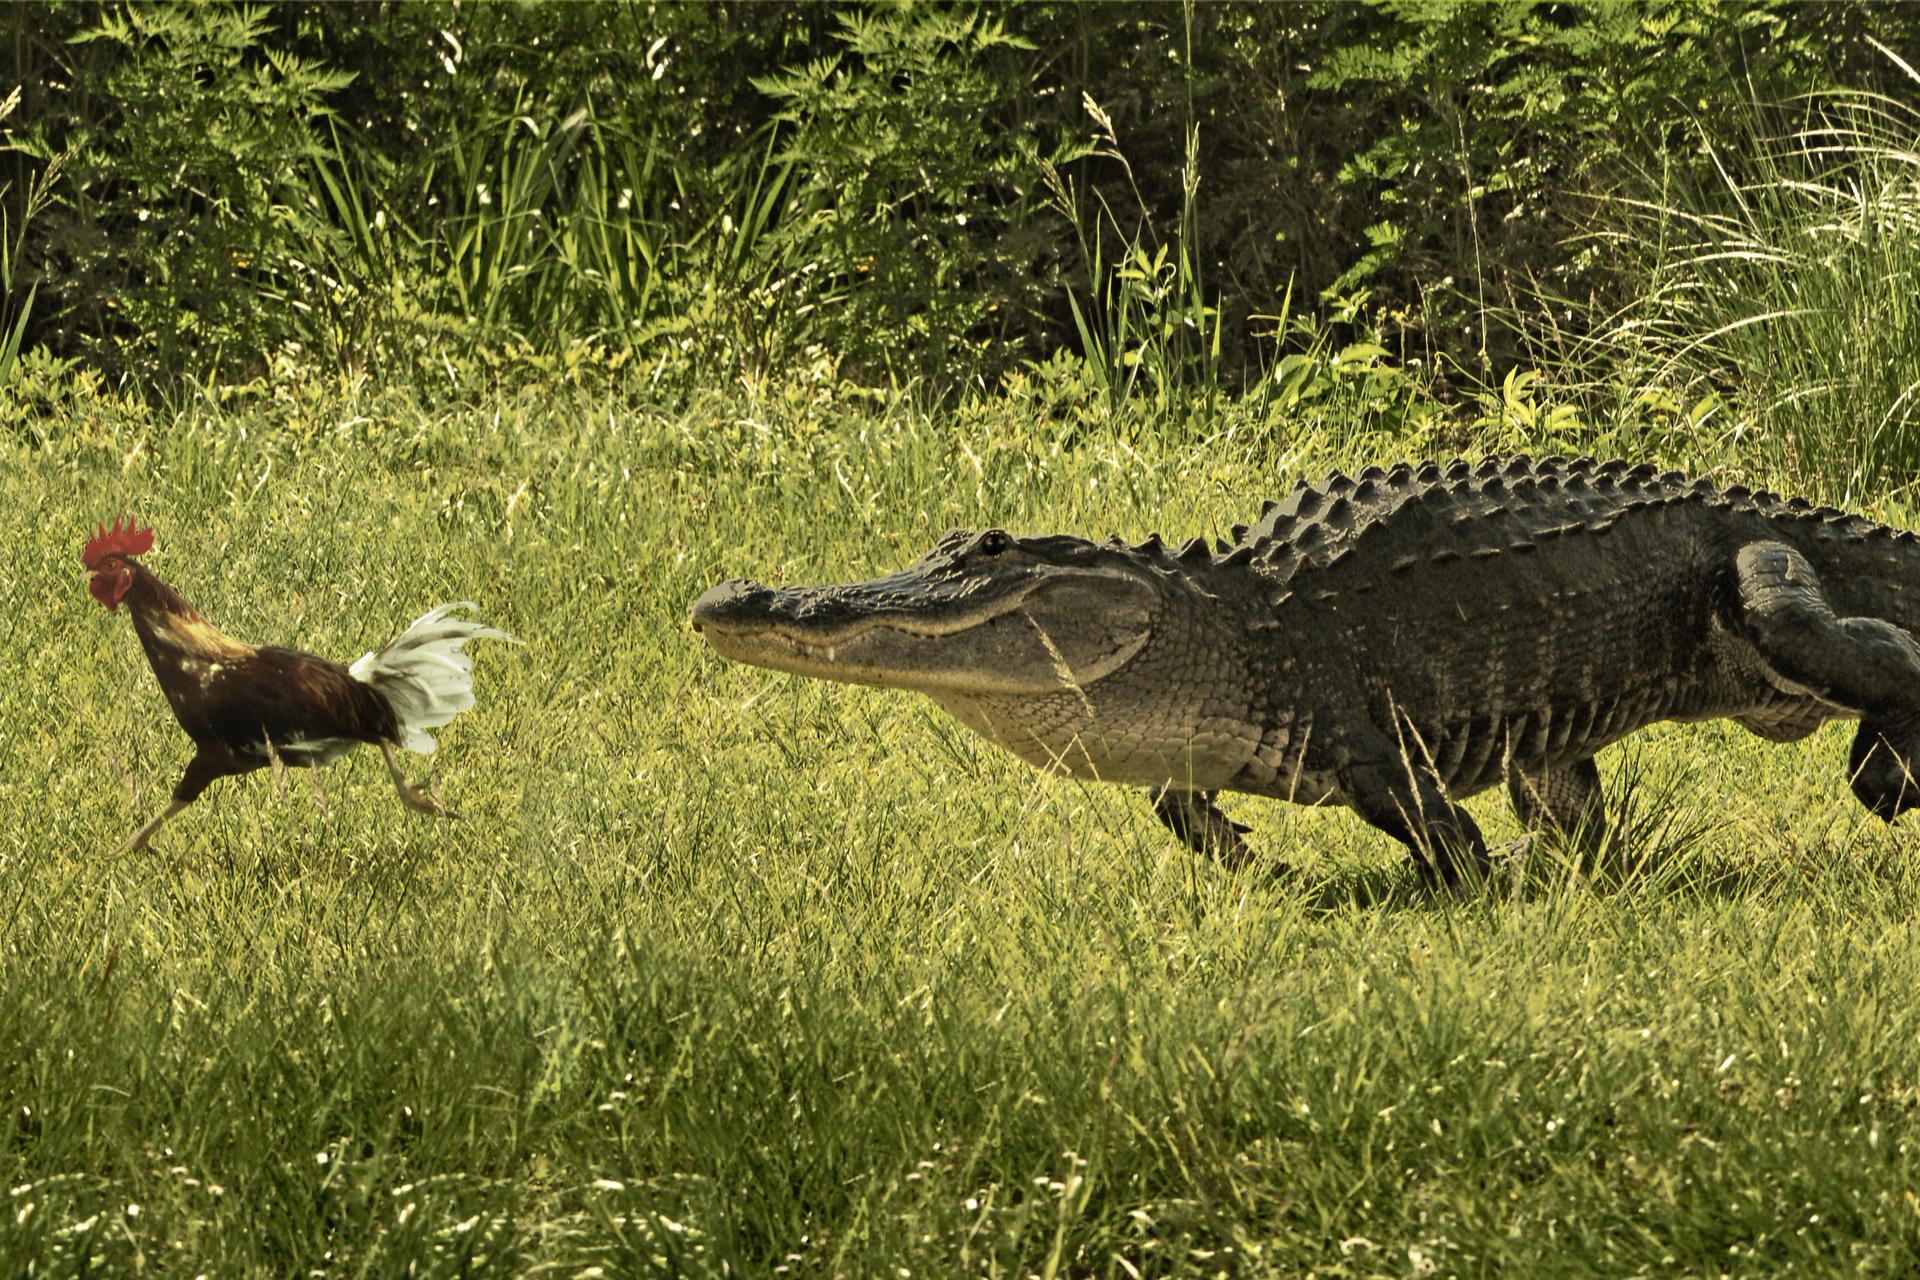 Fotografia przedstawia koguta, uciekającego przed krokodylem, wtle zarośla. Kogut zlewej, brązowy, na głowie czerwony grzebień ikorale, pióra wogonie białe. Jedna noga wyciągnięta wprzód, druga pod ogonem. Sylwetka pochylona ukosem, dynamiczna. Krokodyl masywny, ciemnoszary zbeżowym brzuchem, ma zamkniętą paszczę. Pysk wydłużony, małe oczy, skóra na grzbiecie zrzędami grubych, krótkich kolców. Wmomencie ujęcia opiera ciało na na trzech łapach, lewa tylna oderwana od ziemi, uniesiona wbok.